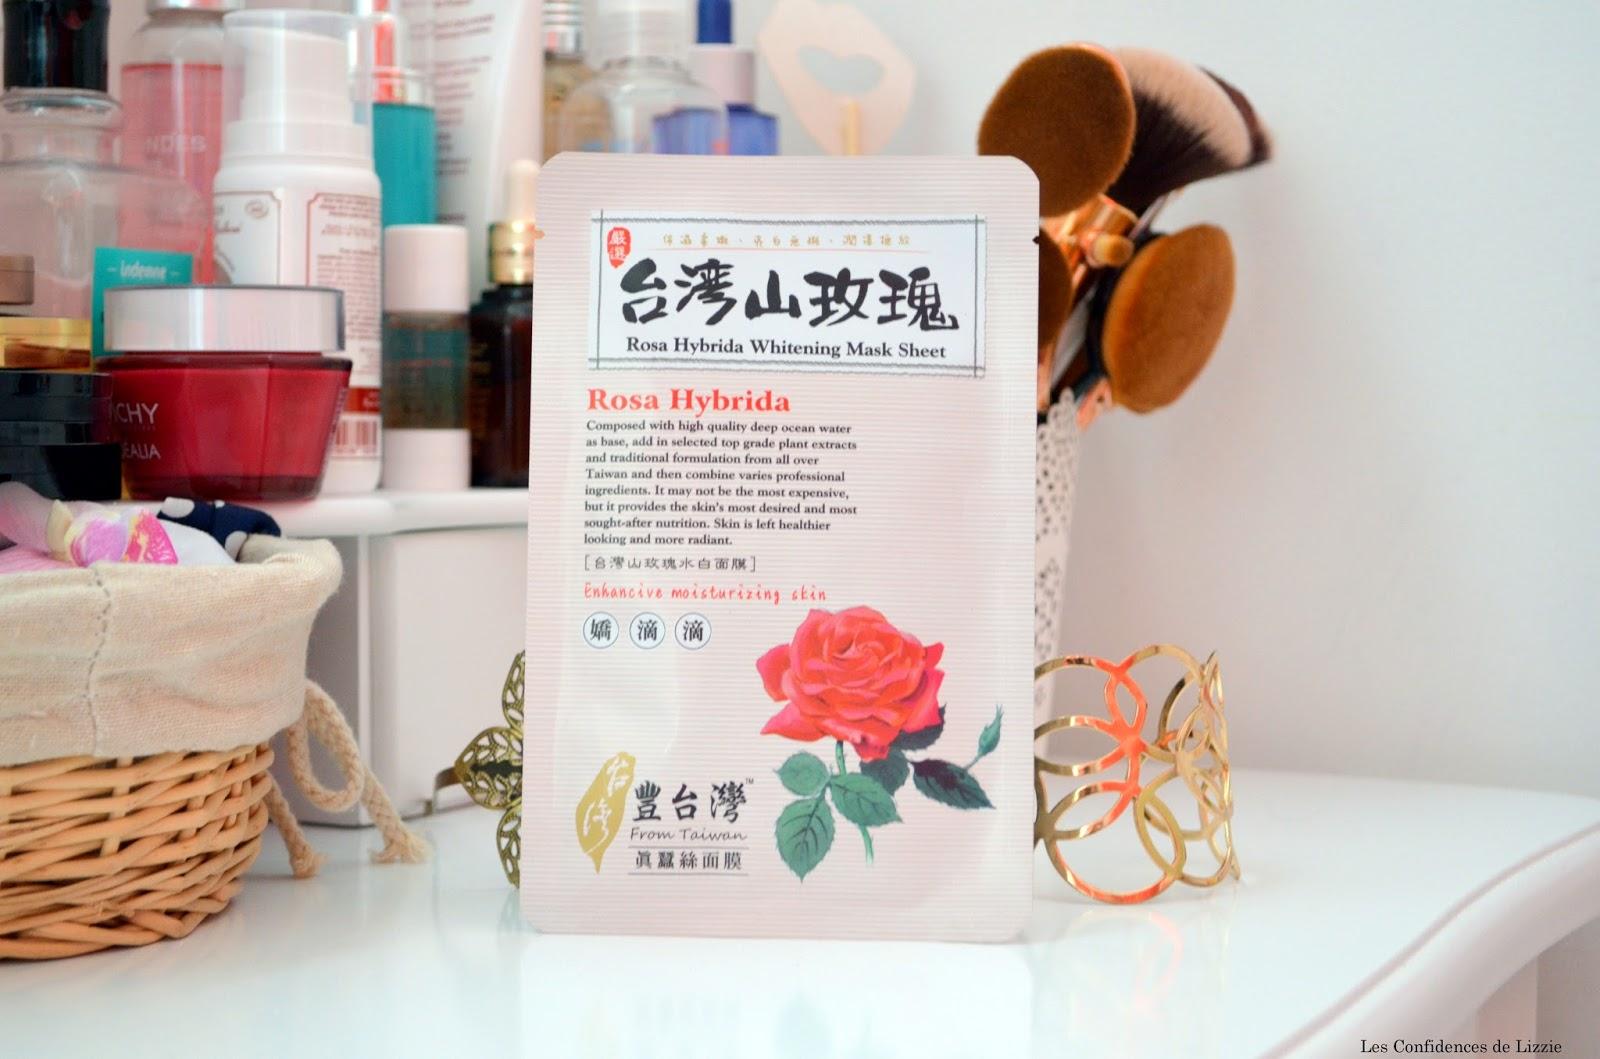 masque - masque de beaute - masque en tissu - masques polatam - masque hydratant - cellulose - lovemore - masque nourrissant - peau souple - peau nourrie - peau hydratee